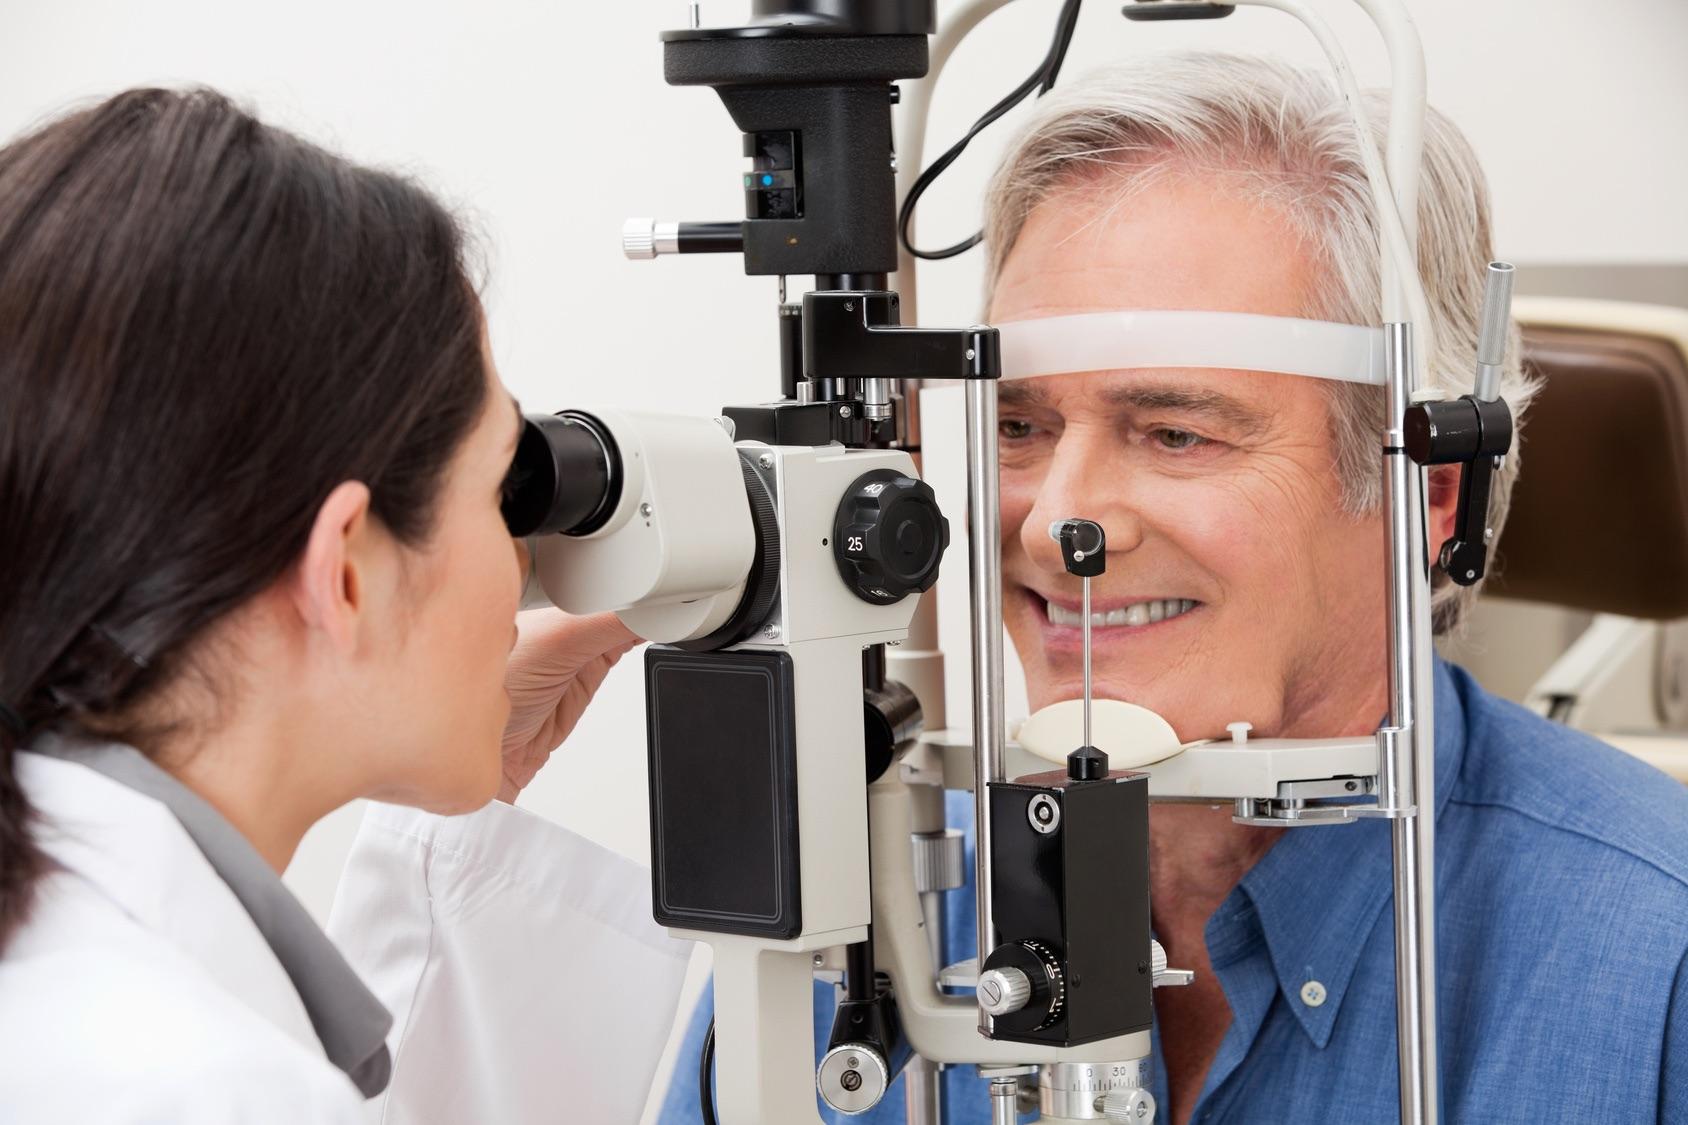 Arztbesuch: Kein Risiko eingehen bei Augenerkrankungen